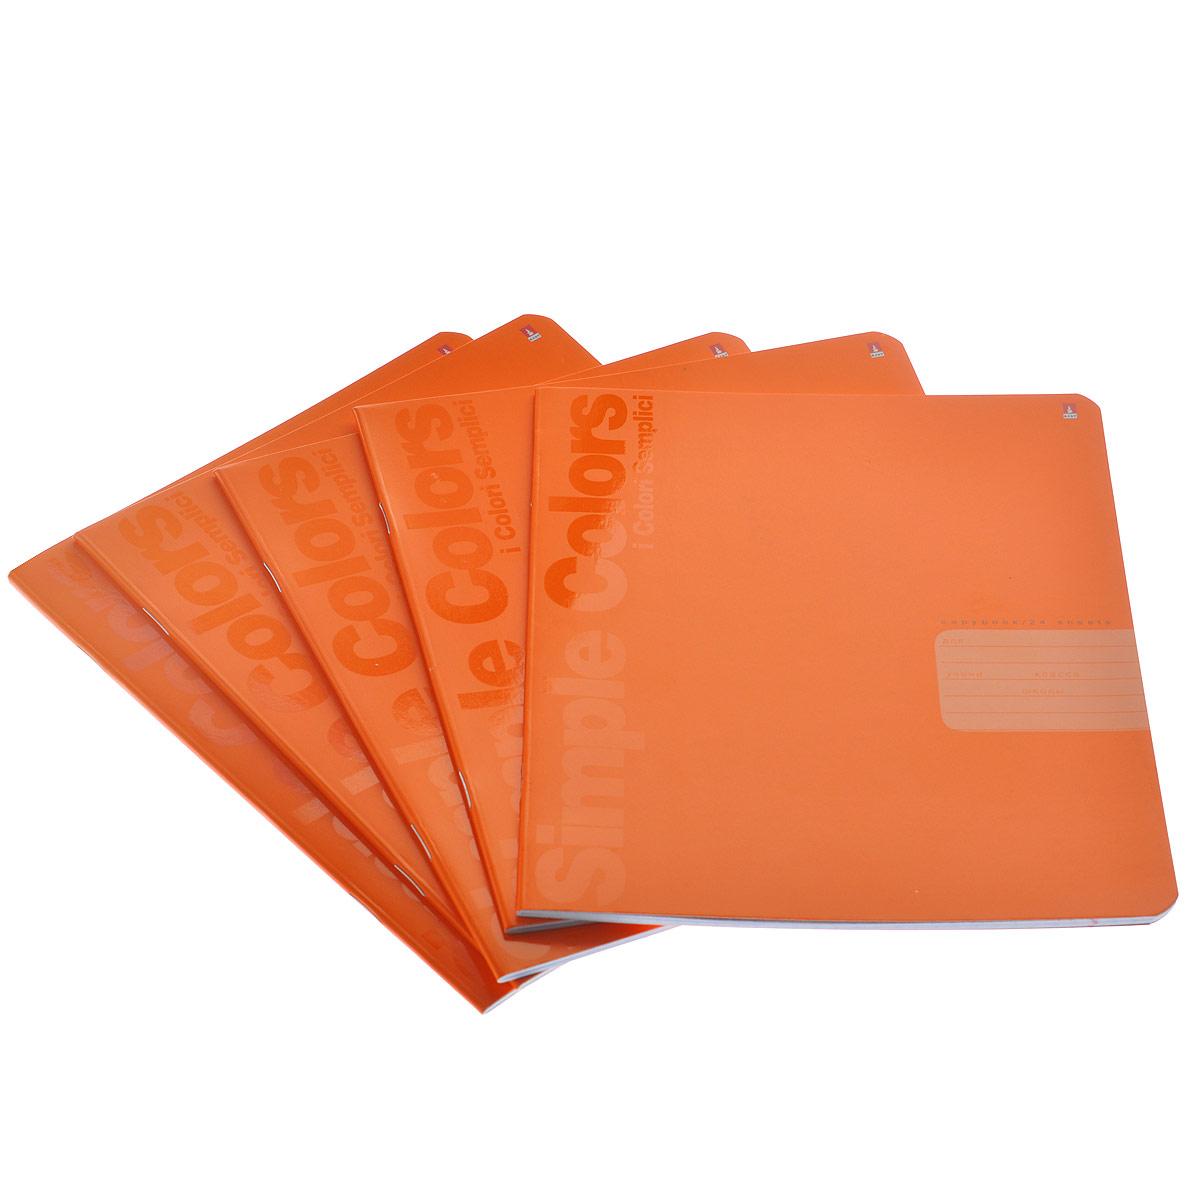 Набор тетрадей Альт Простые цвета, цвет: оранжевый, 5 шт7-24-773/1 оранжевыйТетради из набора Альт Простые цвета идеально подойдут для занятий школьнику или студенту. Обложки, выполненные из яркого мелованного картона, позволят сохранить тетради в аккуратном состоянии на протяжении всего времени использования. Лицевая сторона оформлена двумя вертикальными надписями: Simple Colors и i Colori Semplici. Внутренний блок состоит из 24 листов белой бумаги в синюю клетку. Комплект включает в себя 5 тетрадей.